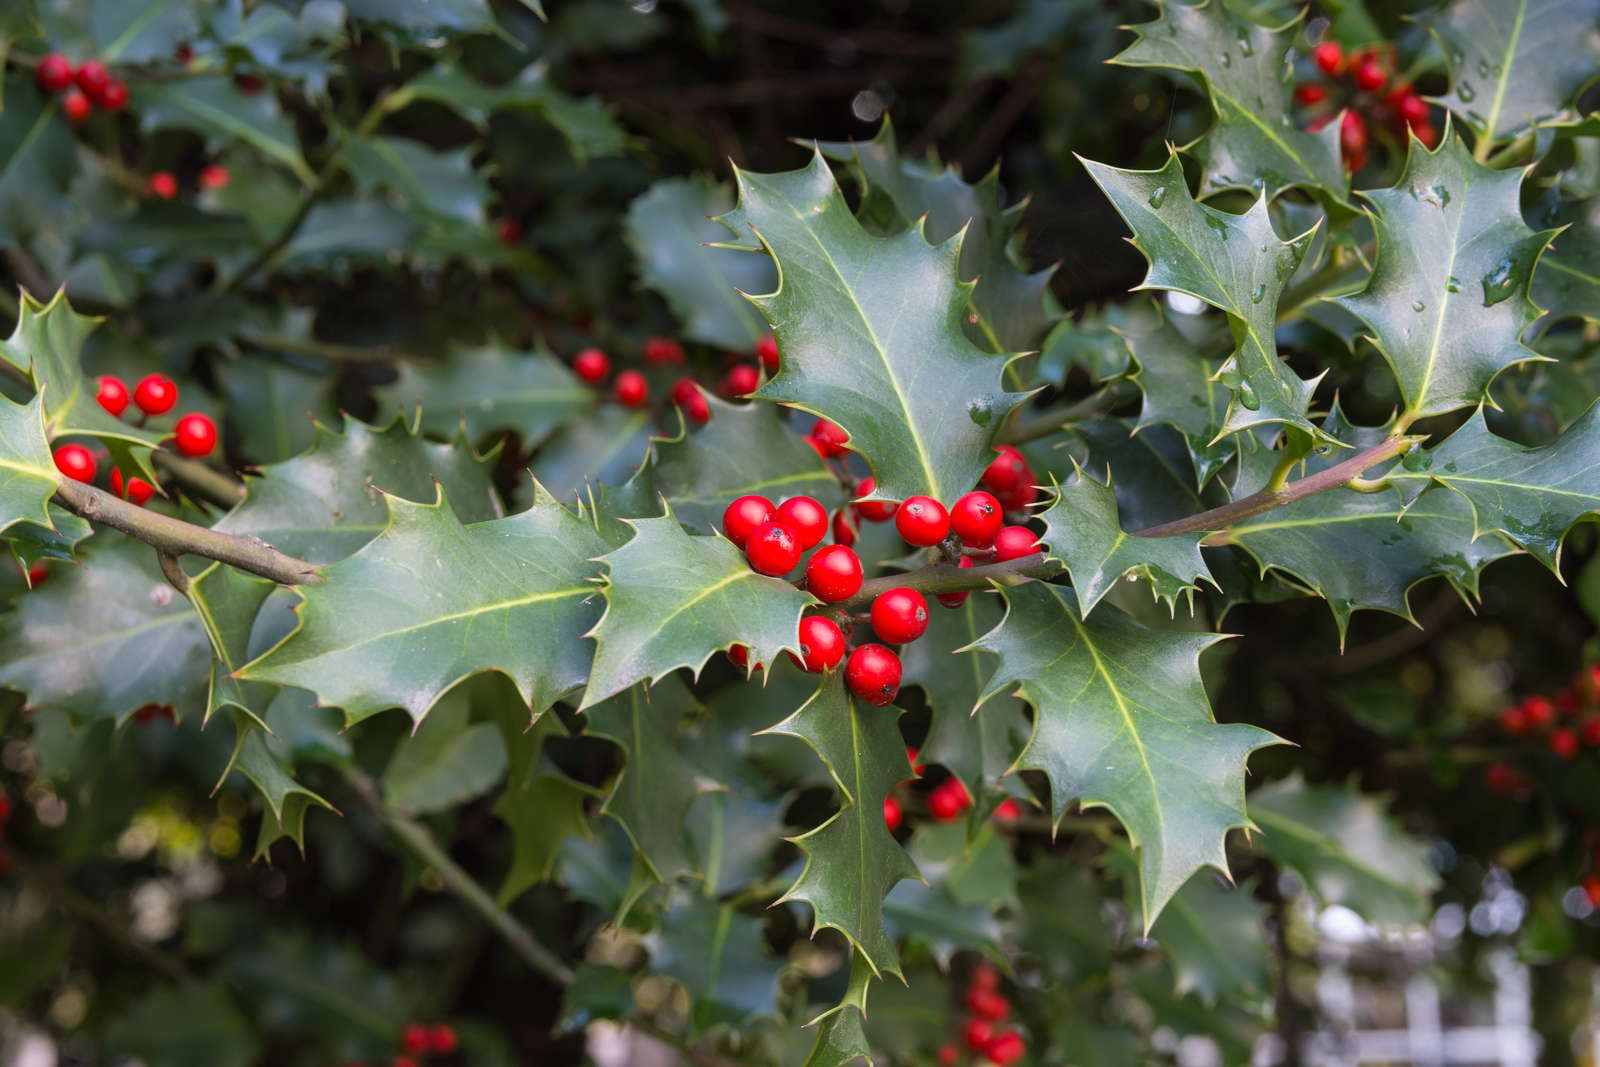 Die Rotleuchtende Beeren Stellen Eine Schöne Abwechslung Im Winterkahlen  Garten Dar [Foto: Valentino Cazzanti/ Shutterstock.com]